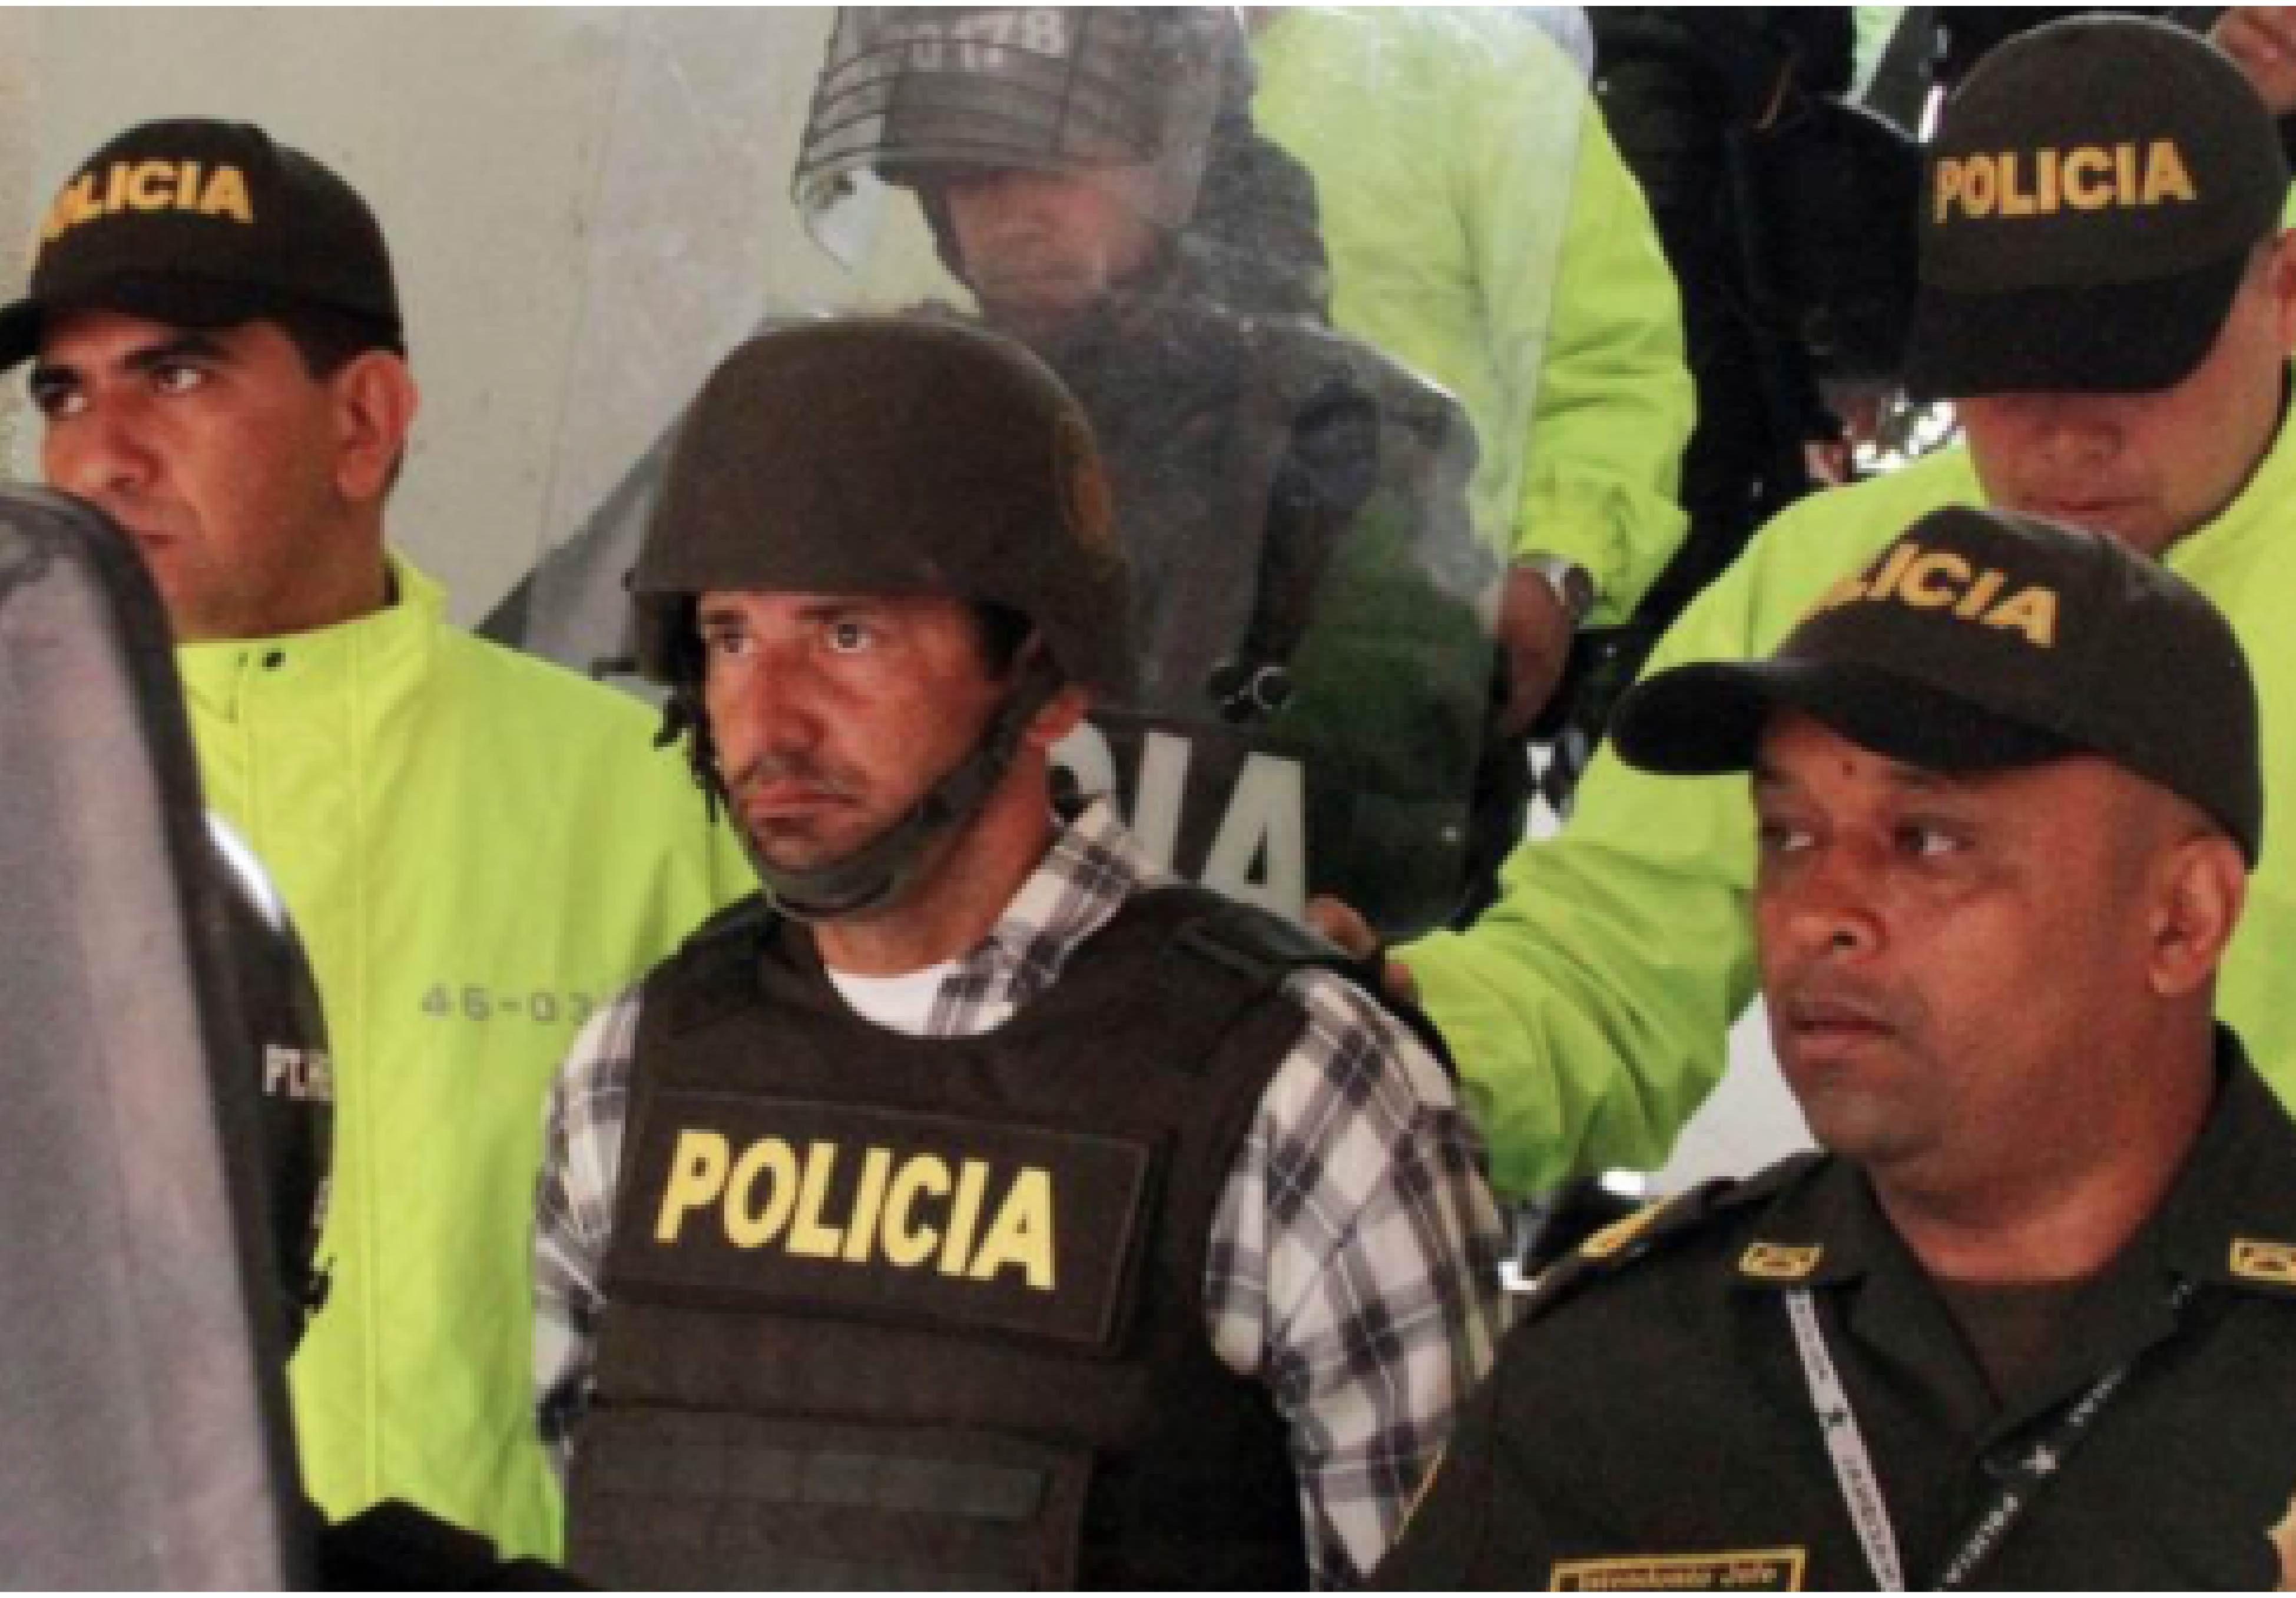 El acusado tuvo que ser fuertemente escoltado por la Policía.